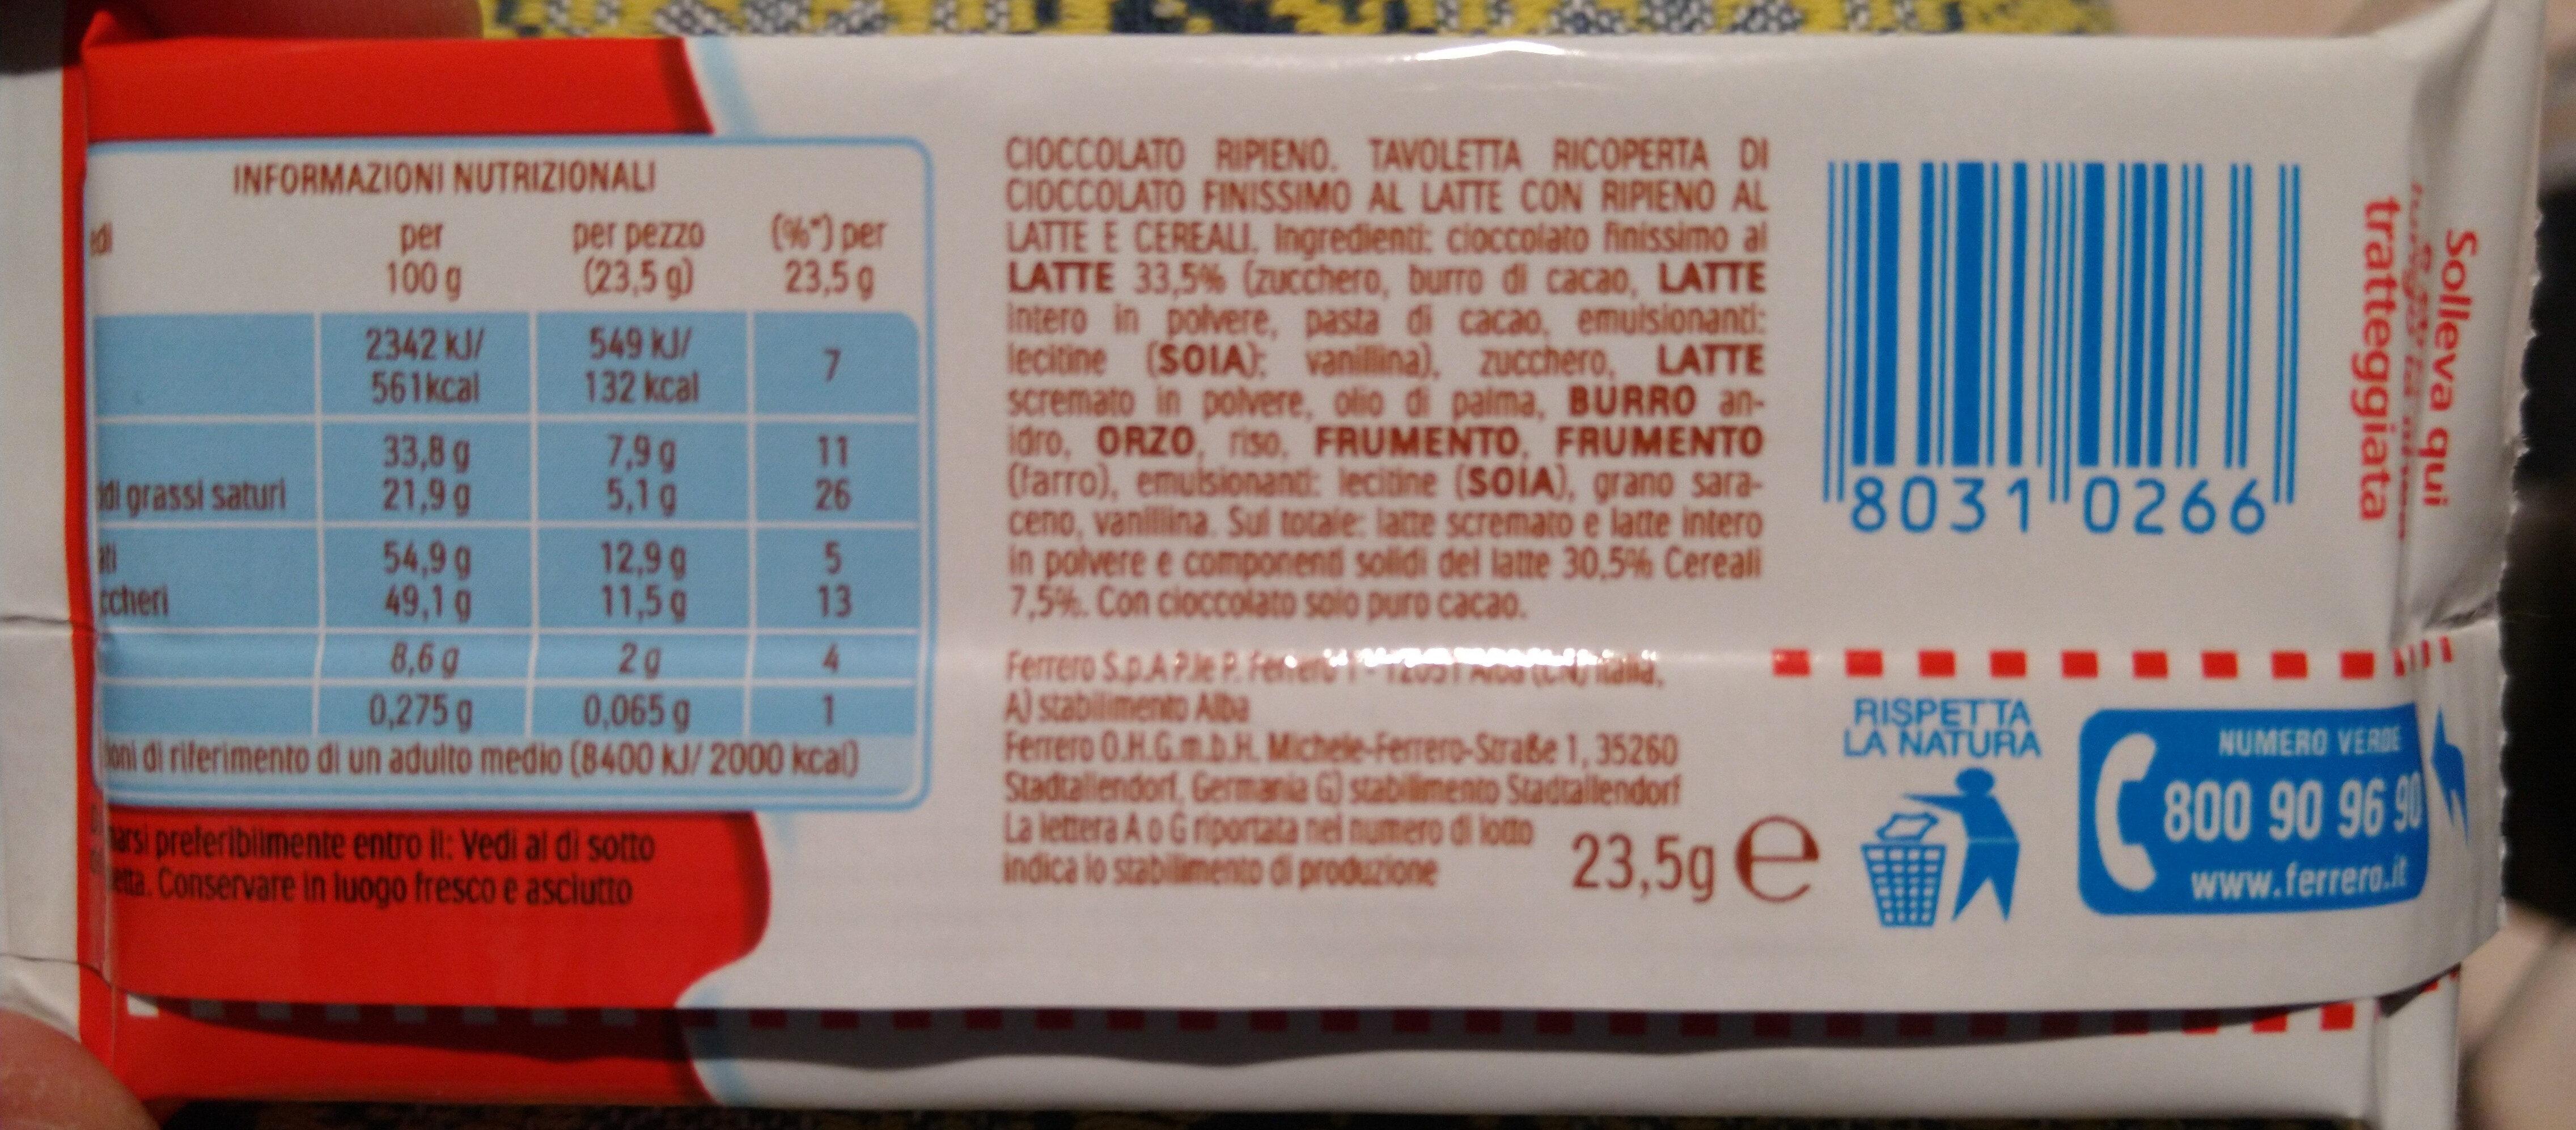 Kinder country barre de cereales enrobee de chocolat 1 barre - Ingredienti - it